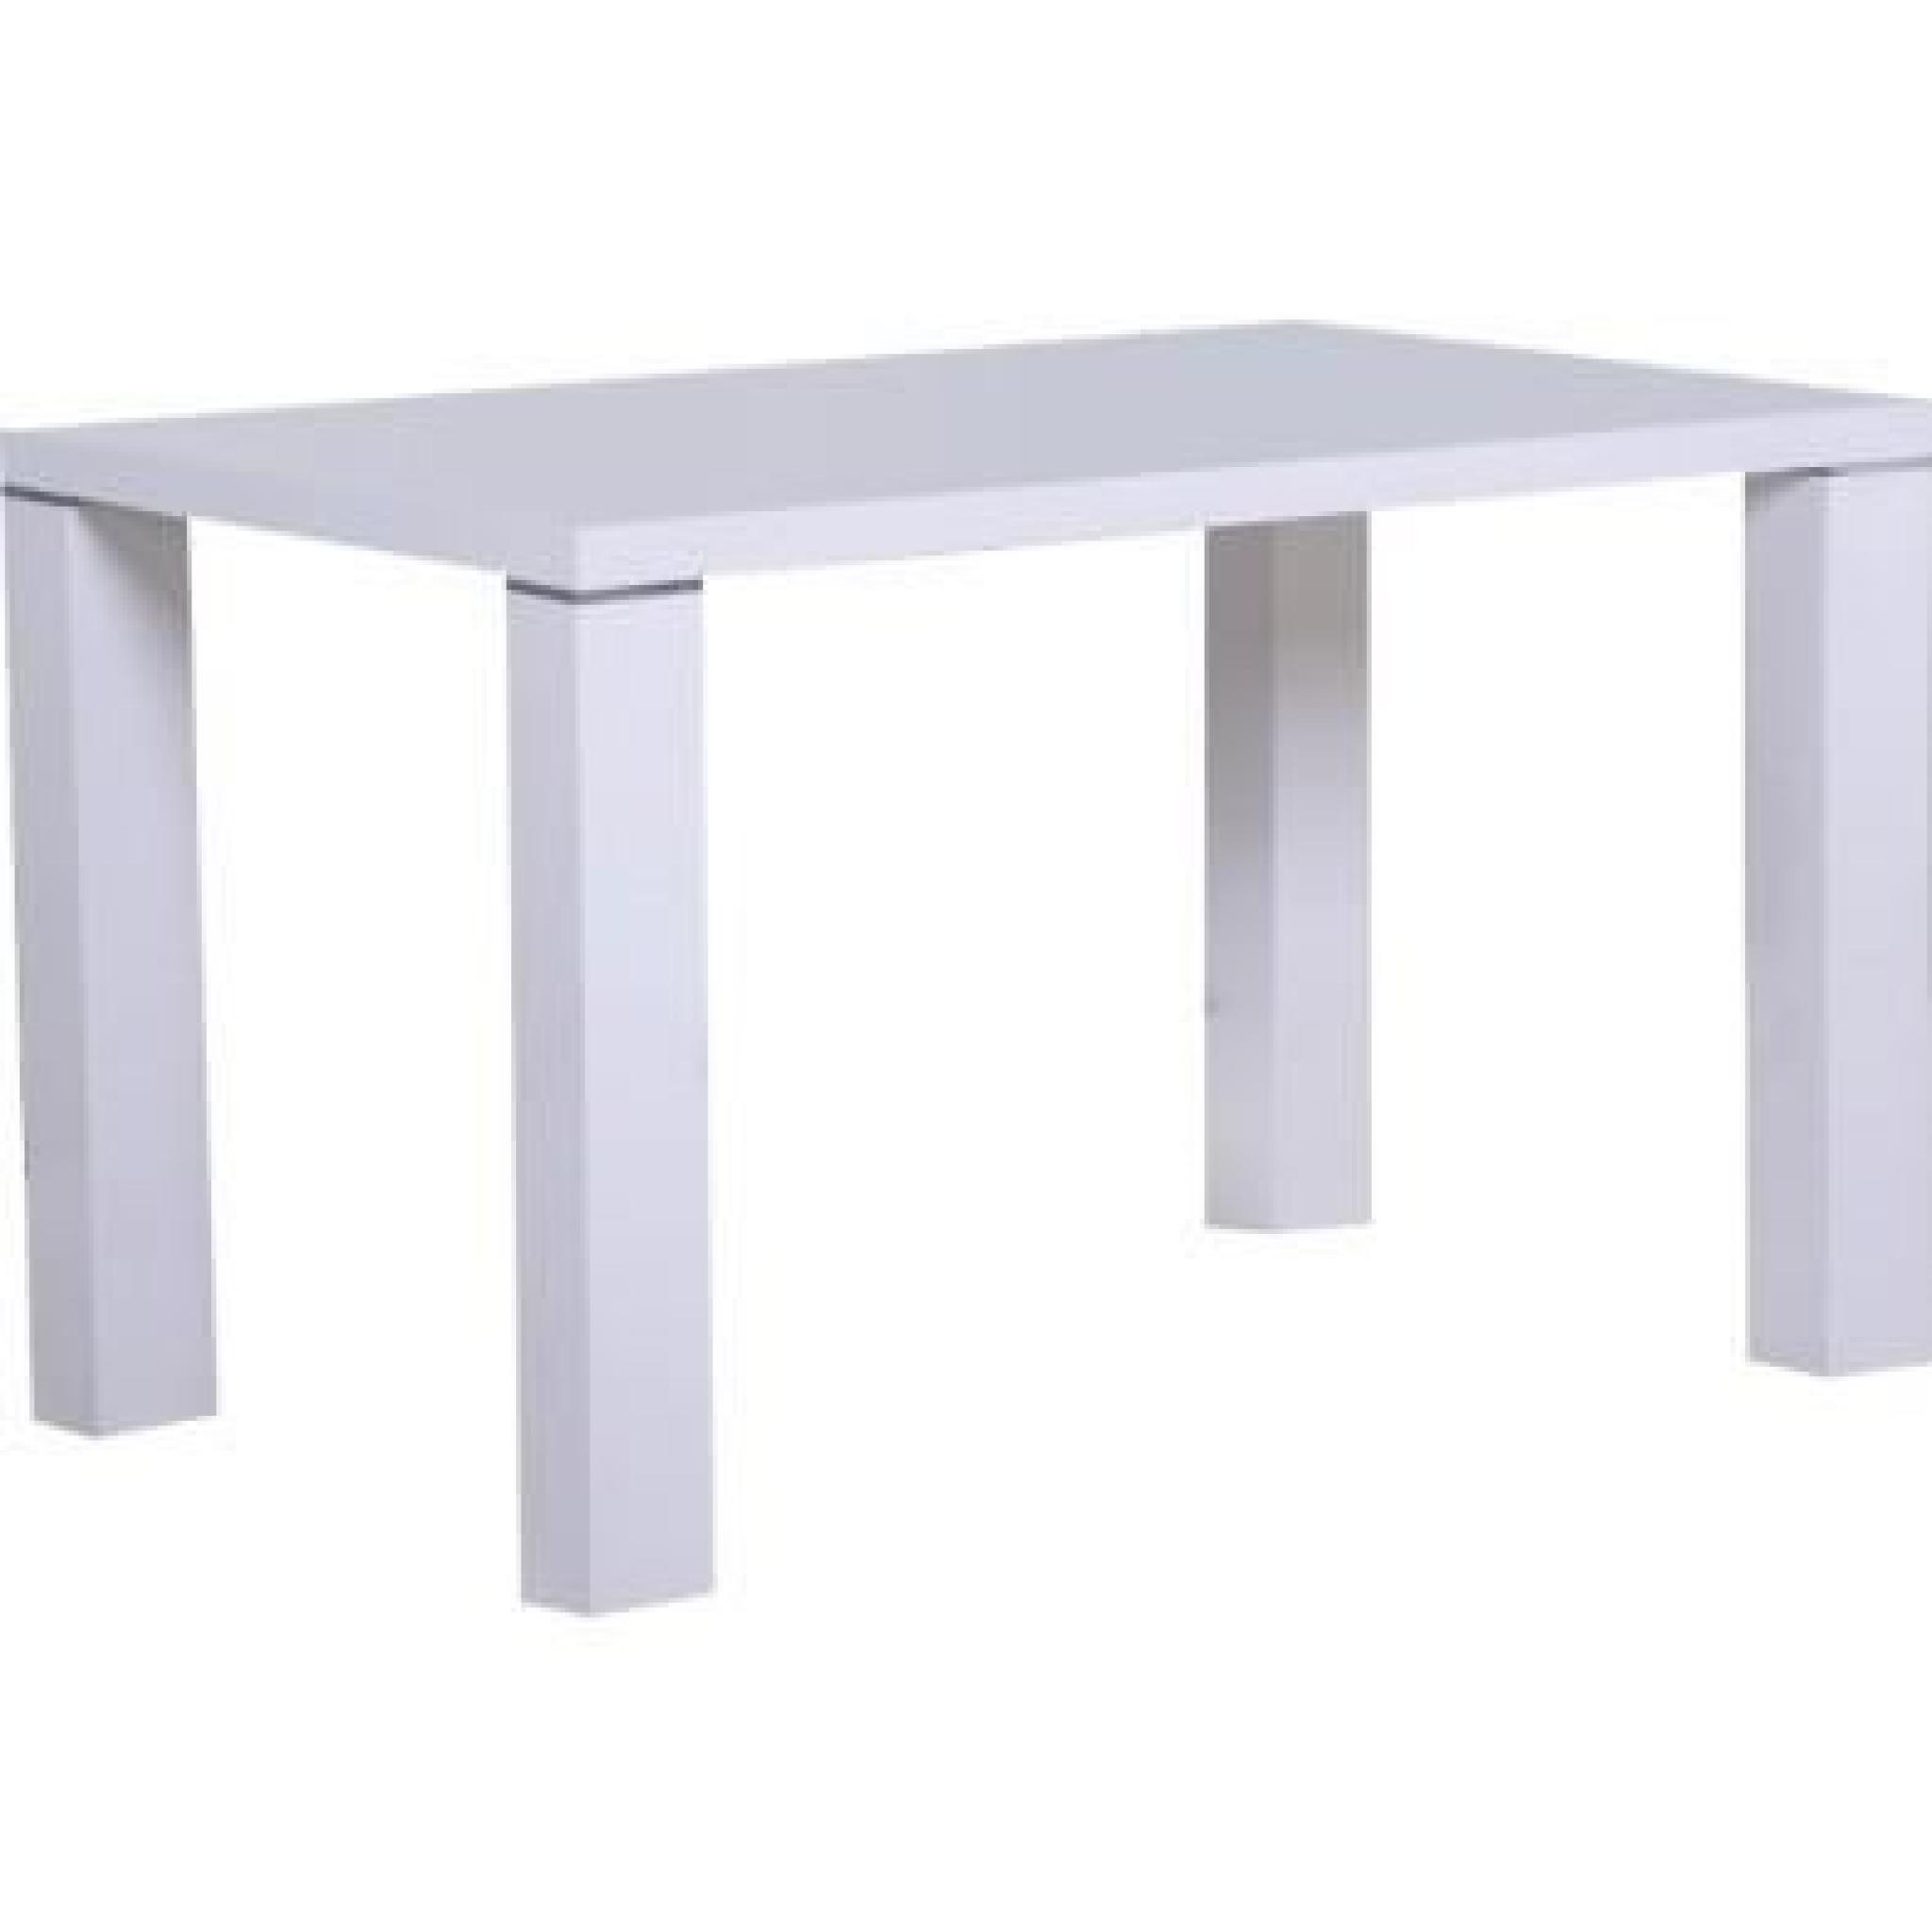 Table A Manger 120 Cm.Table A Manger 120 Cm Blanc Laque